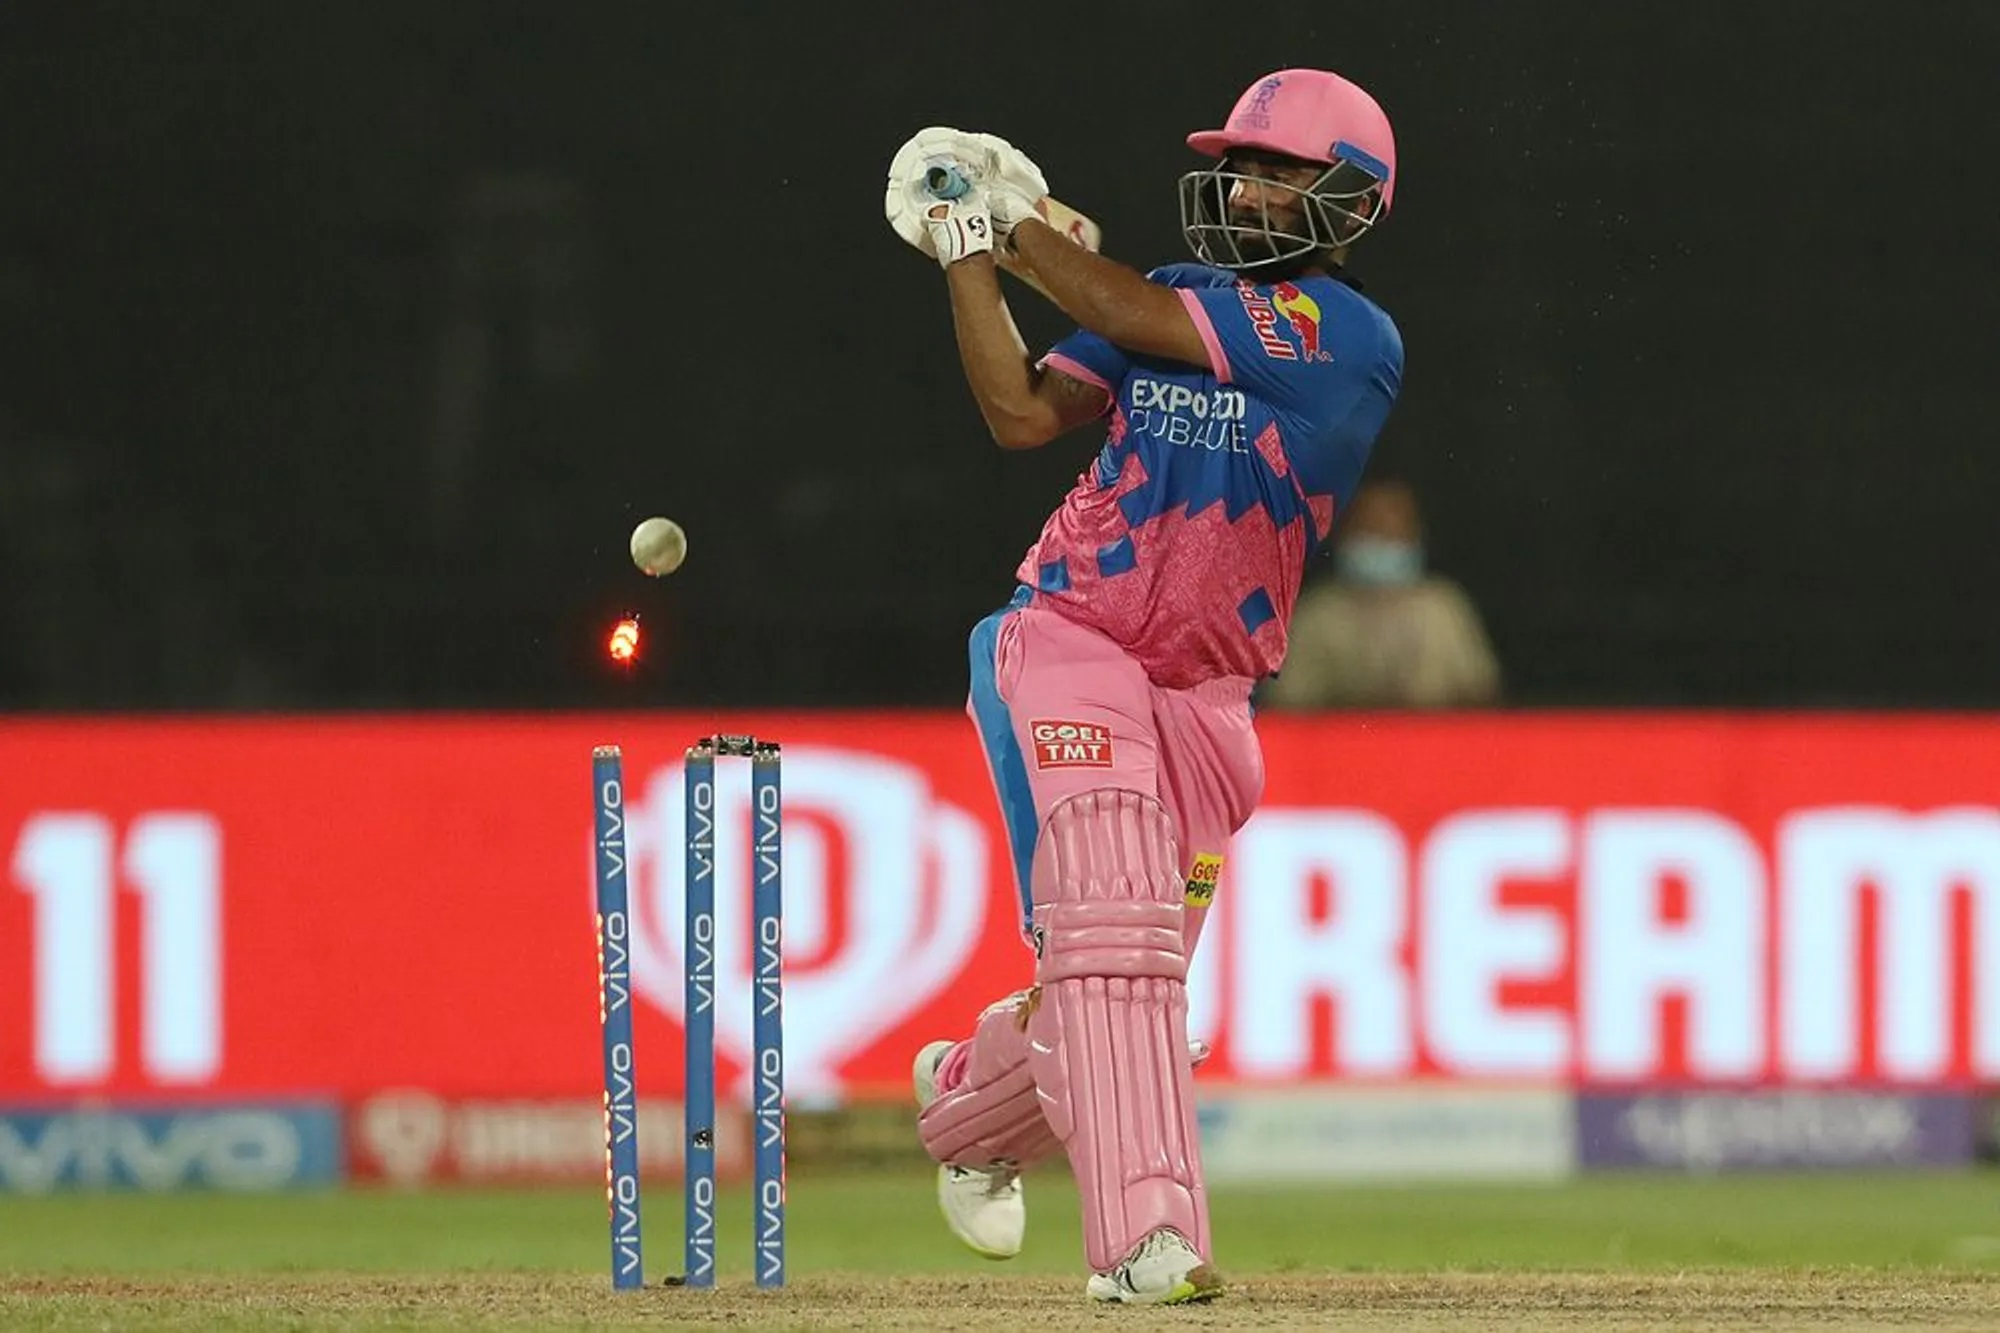 ये तस्वीर उस खिलाड़ी की है जिसने IPL 2020 में एक ओवर की 6 गेंदों में 5 छक्के उड़ाए थे, लेकिन IPL 2021 के कुल 14 मैच में सिर्फ 6 छक्के लगा पाए। साल 2020 के IPL में इन्होंने इतने ही मैच में 17 छक्के लगाए थे।